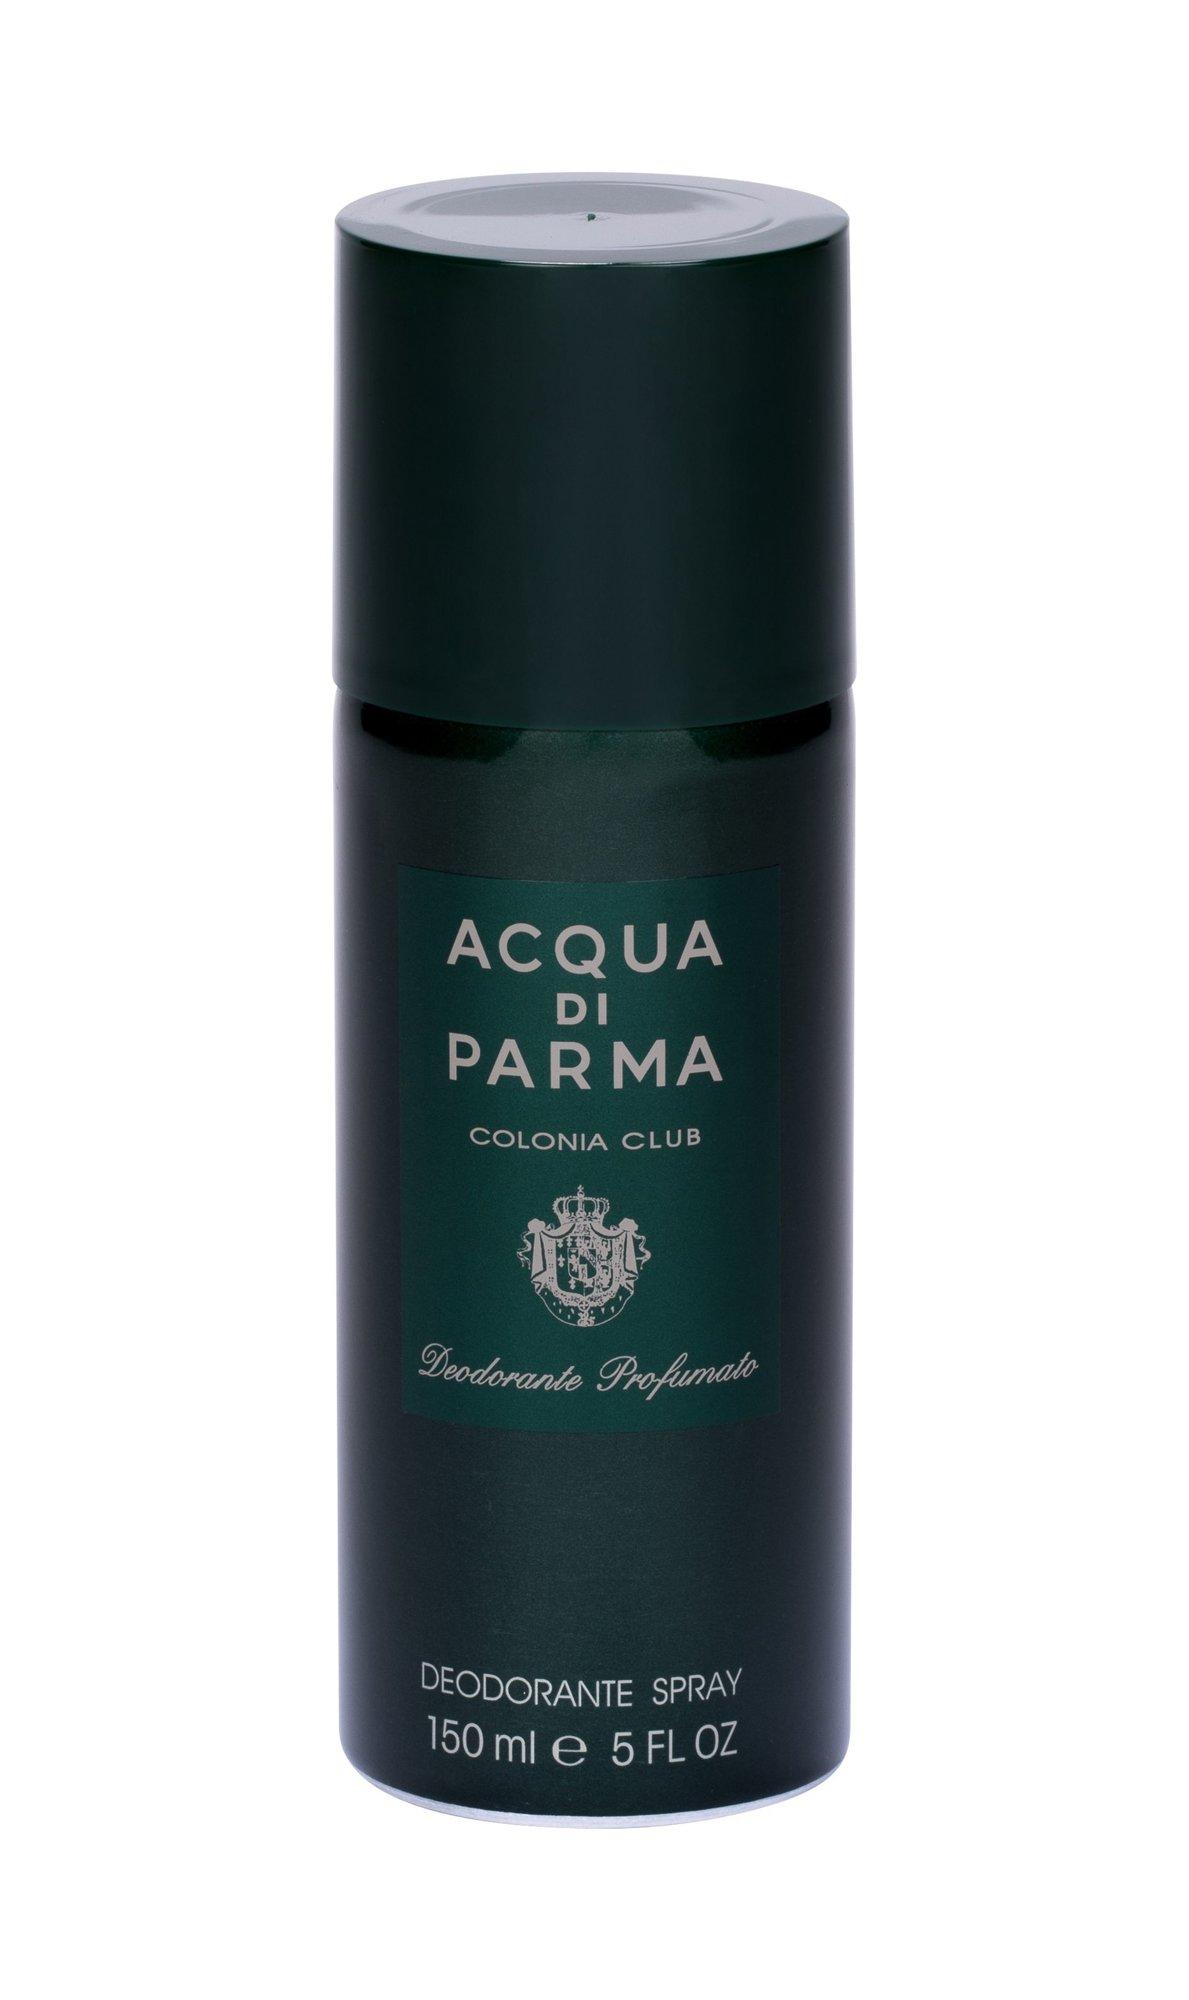 Acqua di Parma Colonia Club Deodorant 150ml